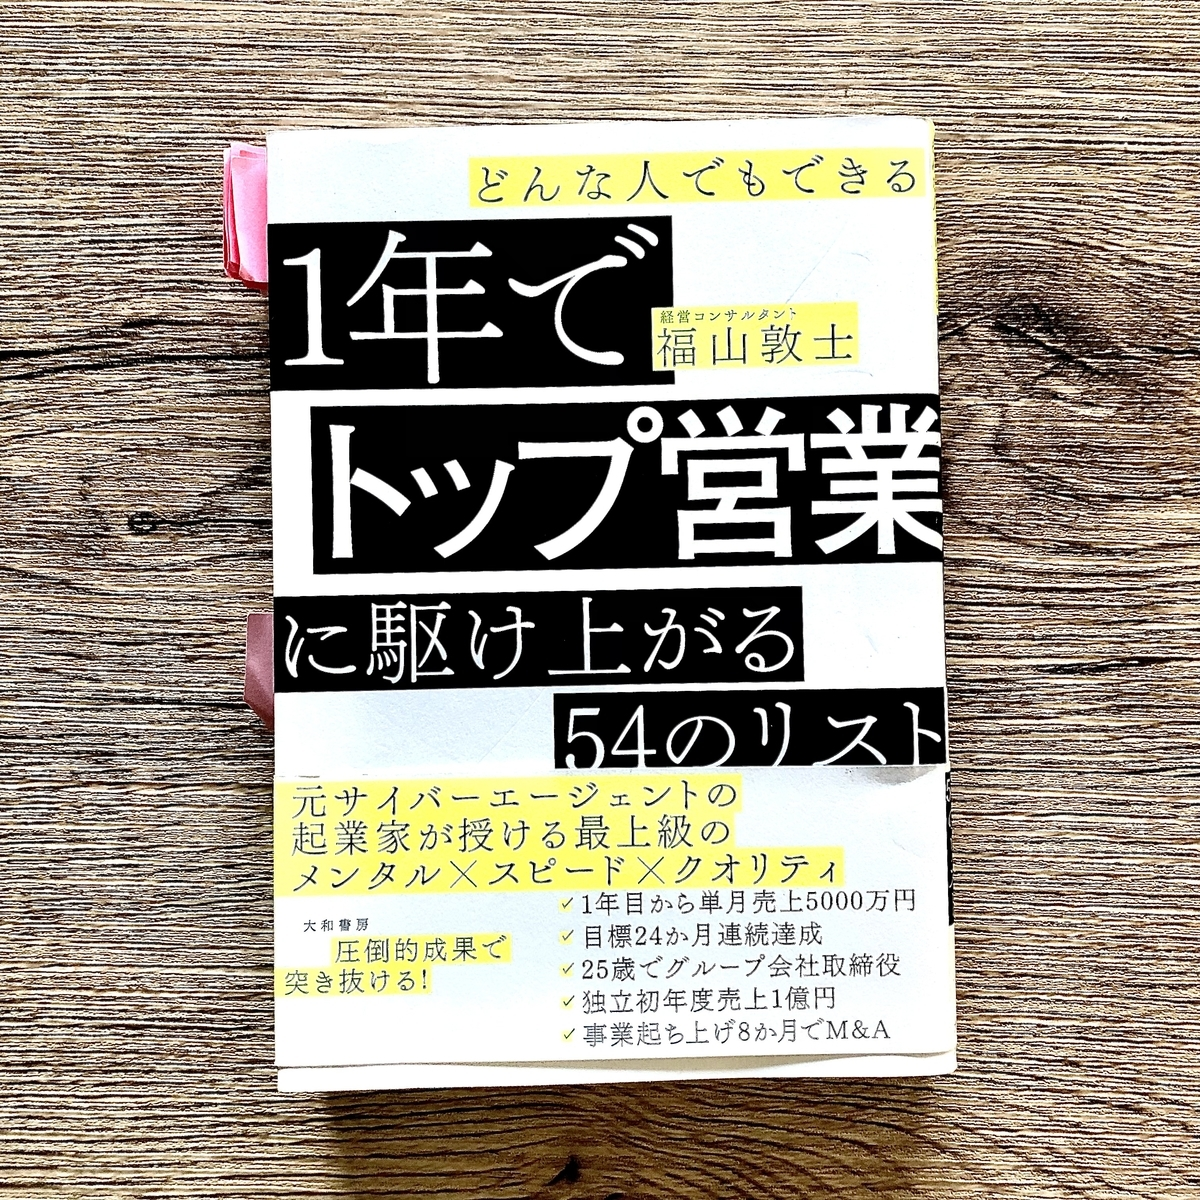 f:id:Arman_Hasegawa:20210706194637j:plain